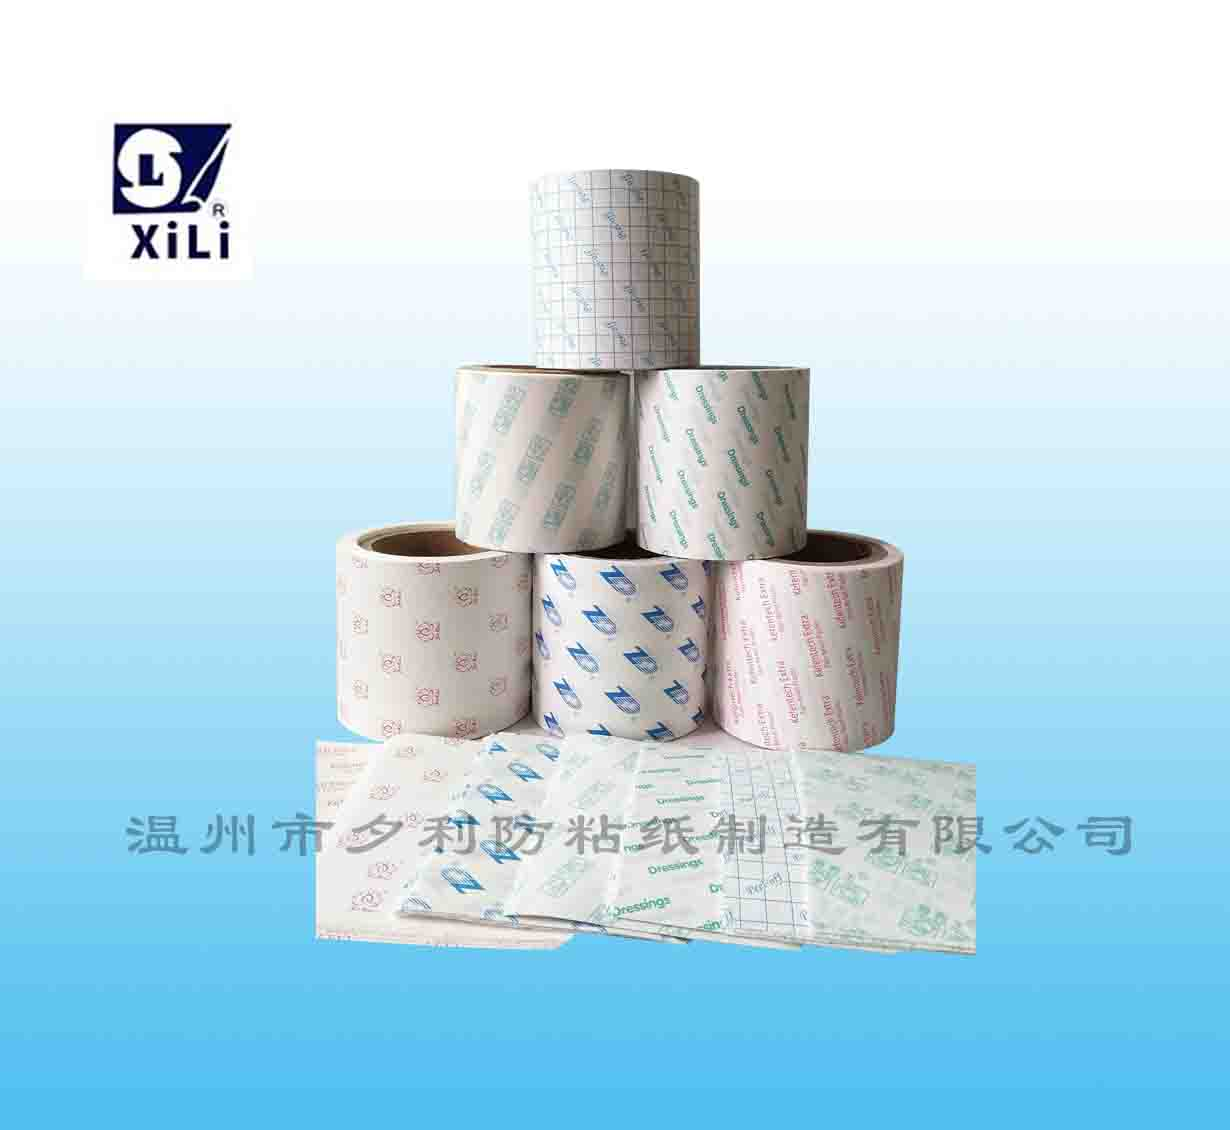 供销价格划算的离型纸 格拉辛离型纸厂家直销